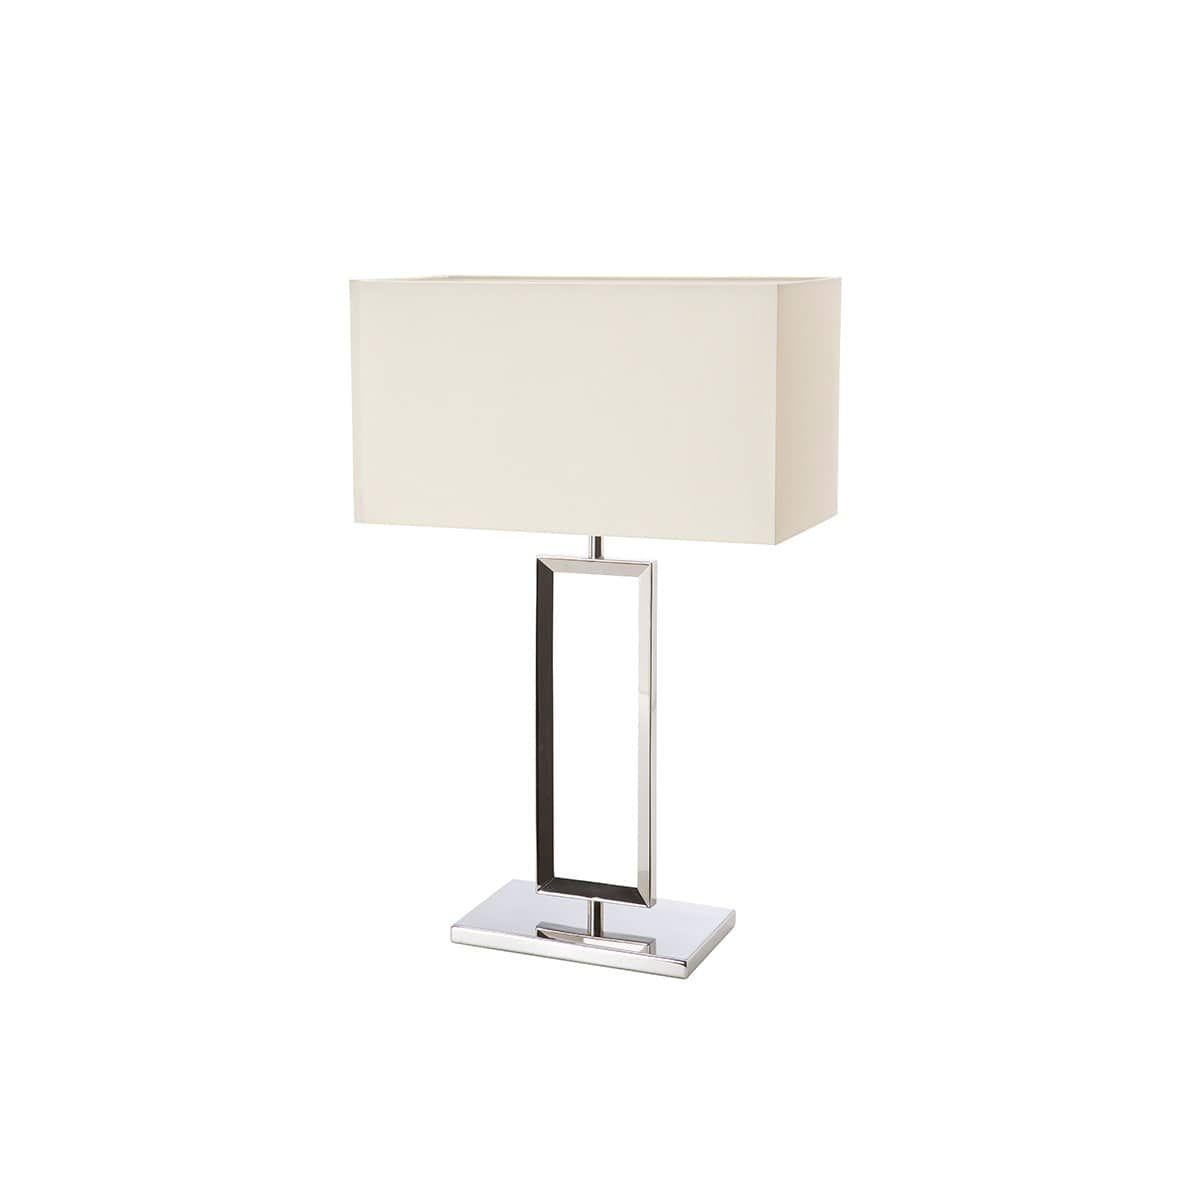 Nachttischlampe Touch Tischleuchte Metallfuss Schlafzimmer Lampe Gunstig Glas Tischlampe Led Tischleu Nachttischlampe Touch Lampen Gunstig Tischleuchte